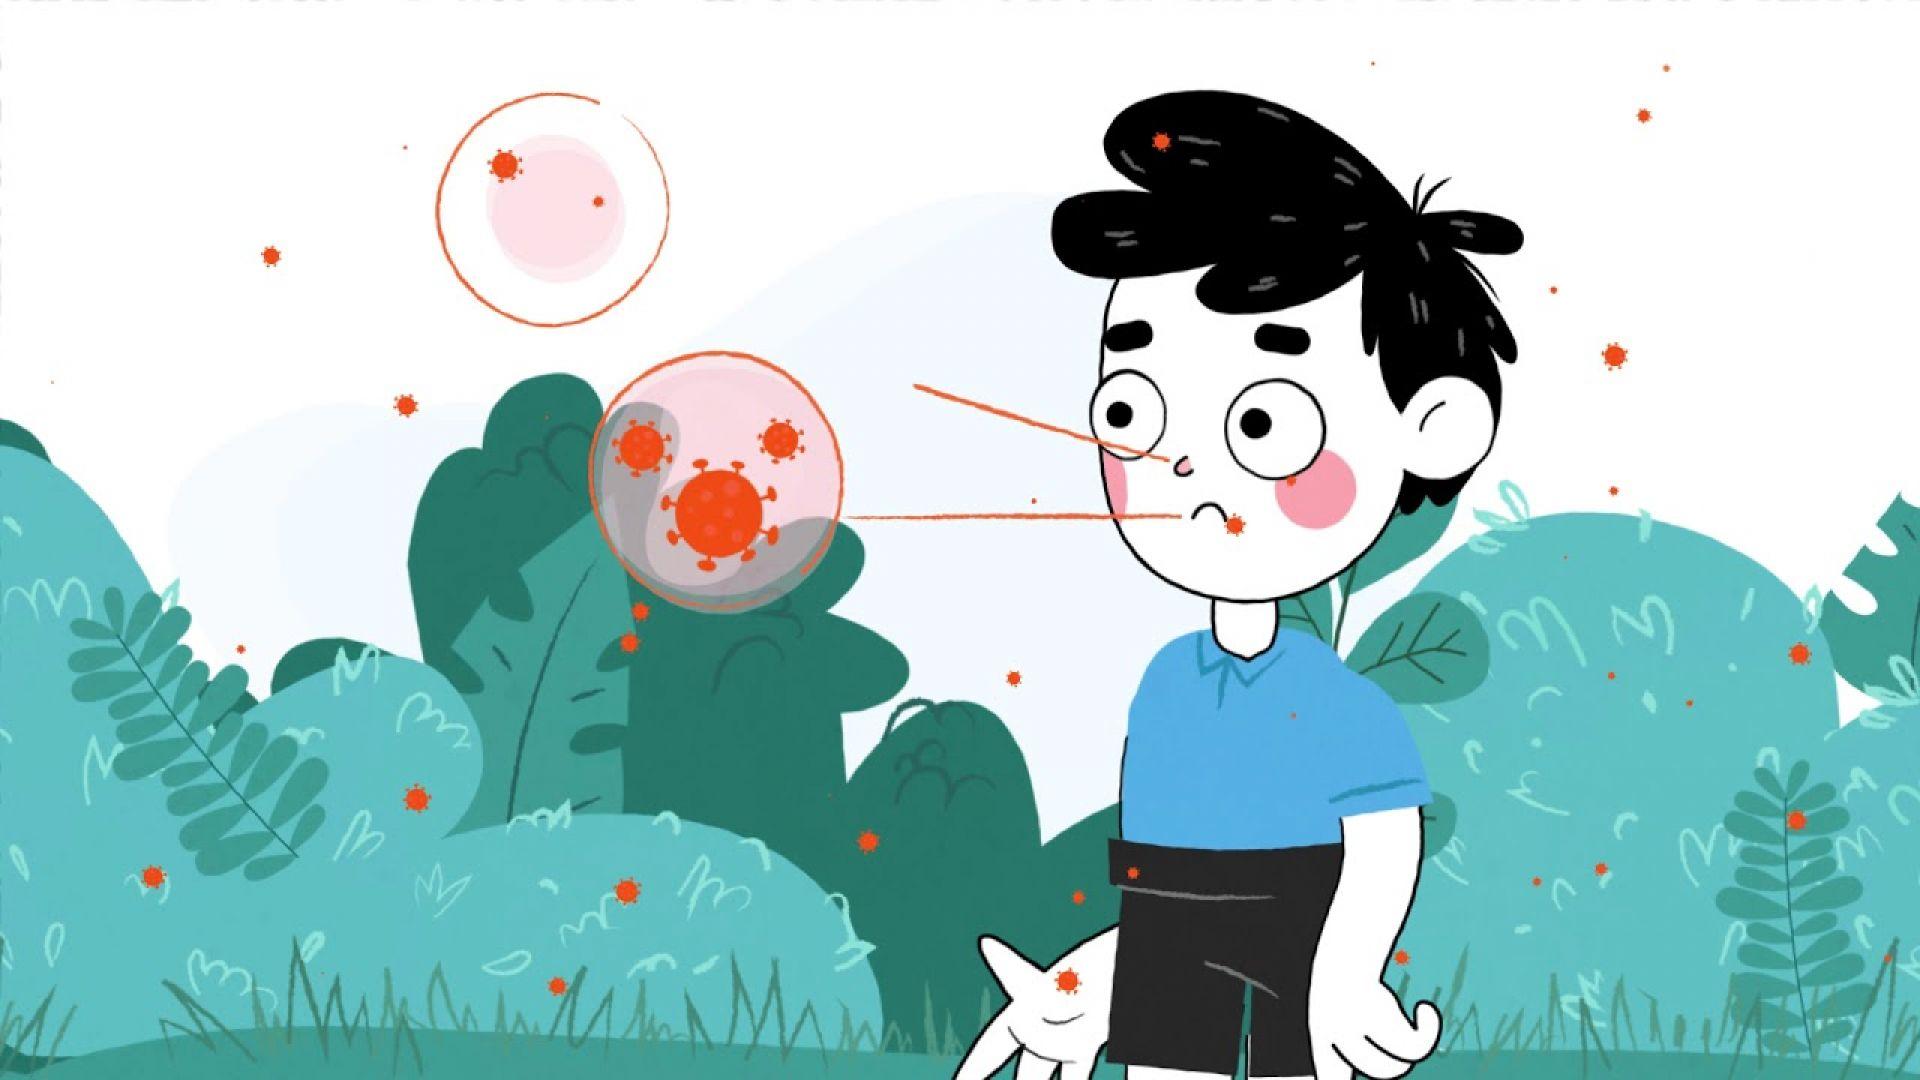 Koronavirus infeksiyasını necə müalicə etməli? - Əgər ailədə bir adam covidə tutulubsa sözsuz hamı xəstəliyə tutulub, analizin neqativ çıxmasına baxmayaraq.